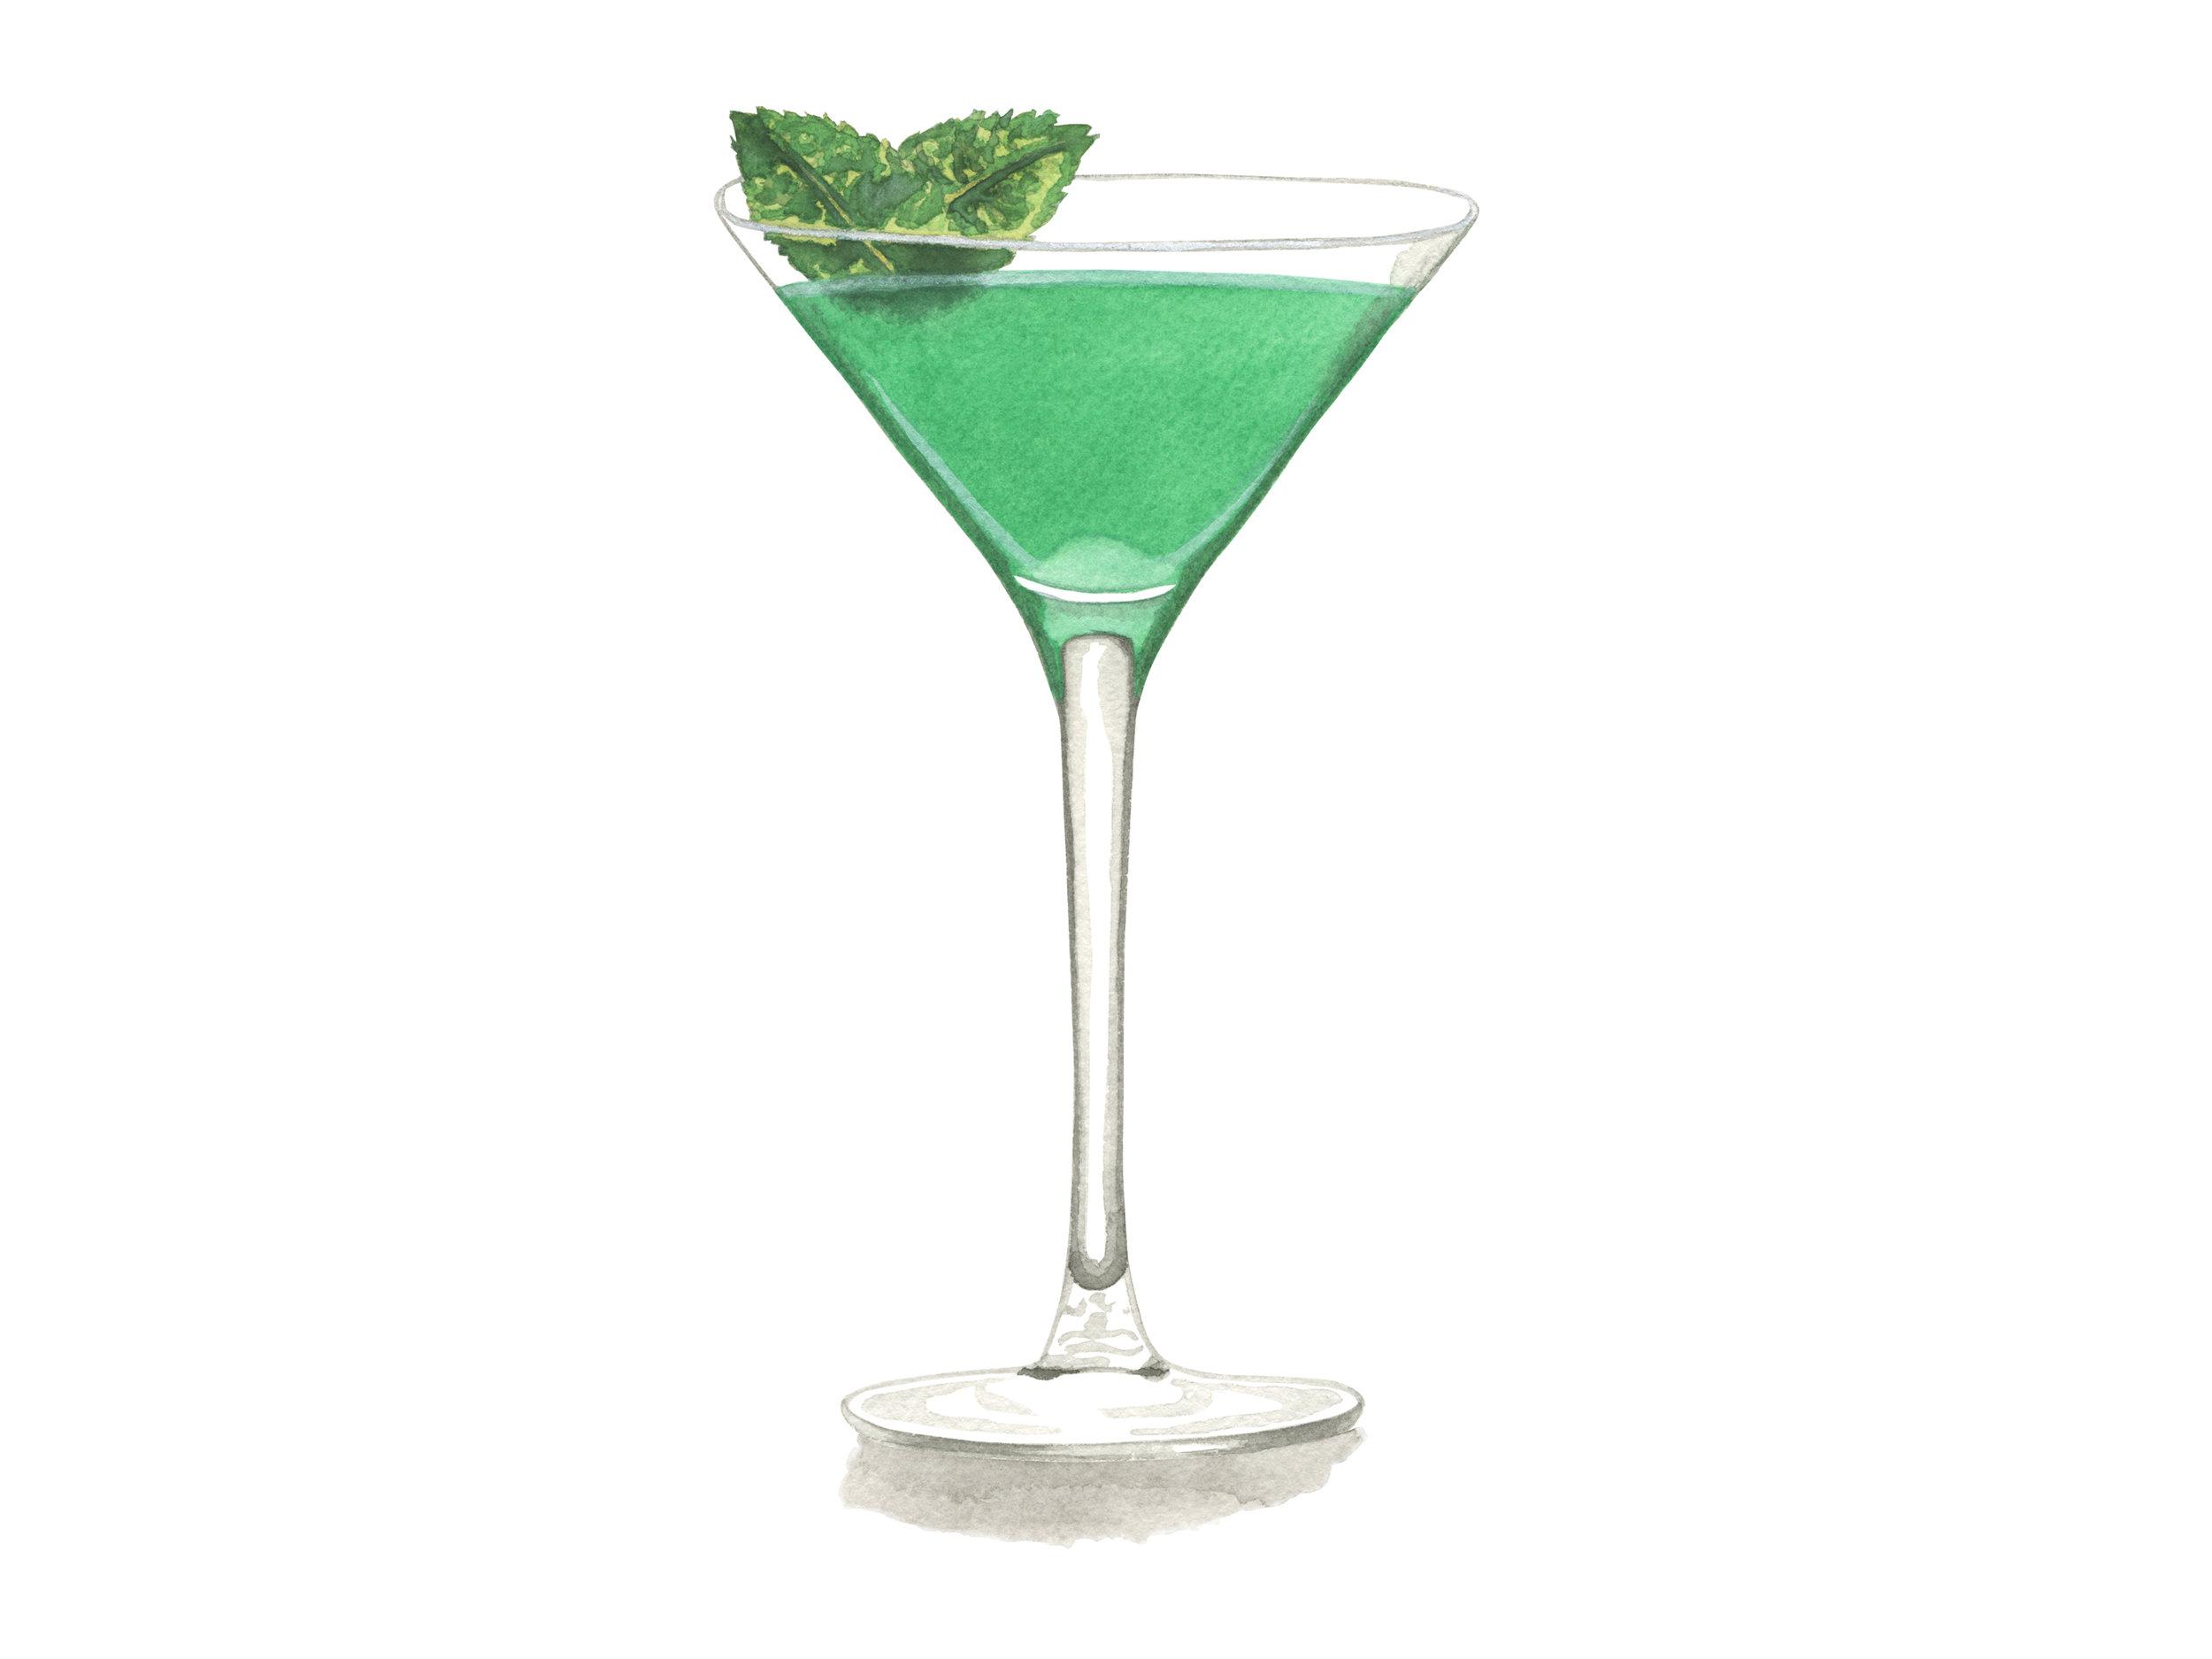 Grasshopper | Mid-Century Cocktail Series